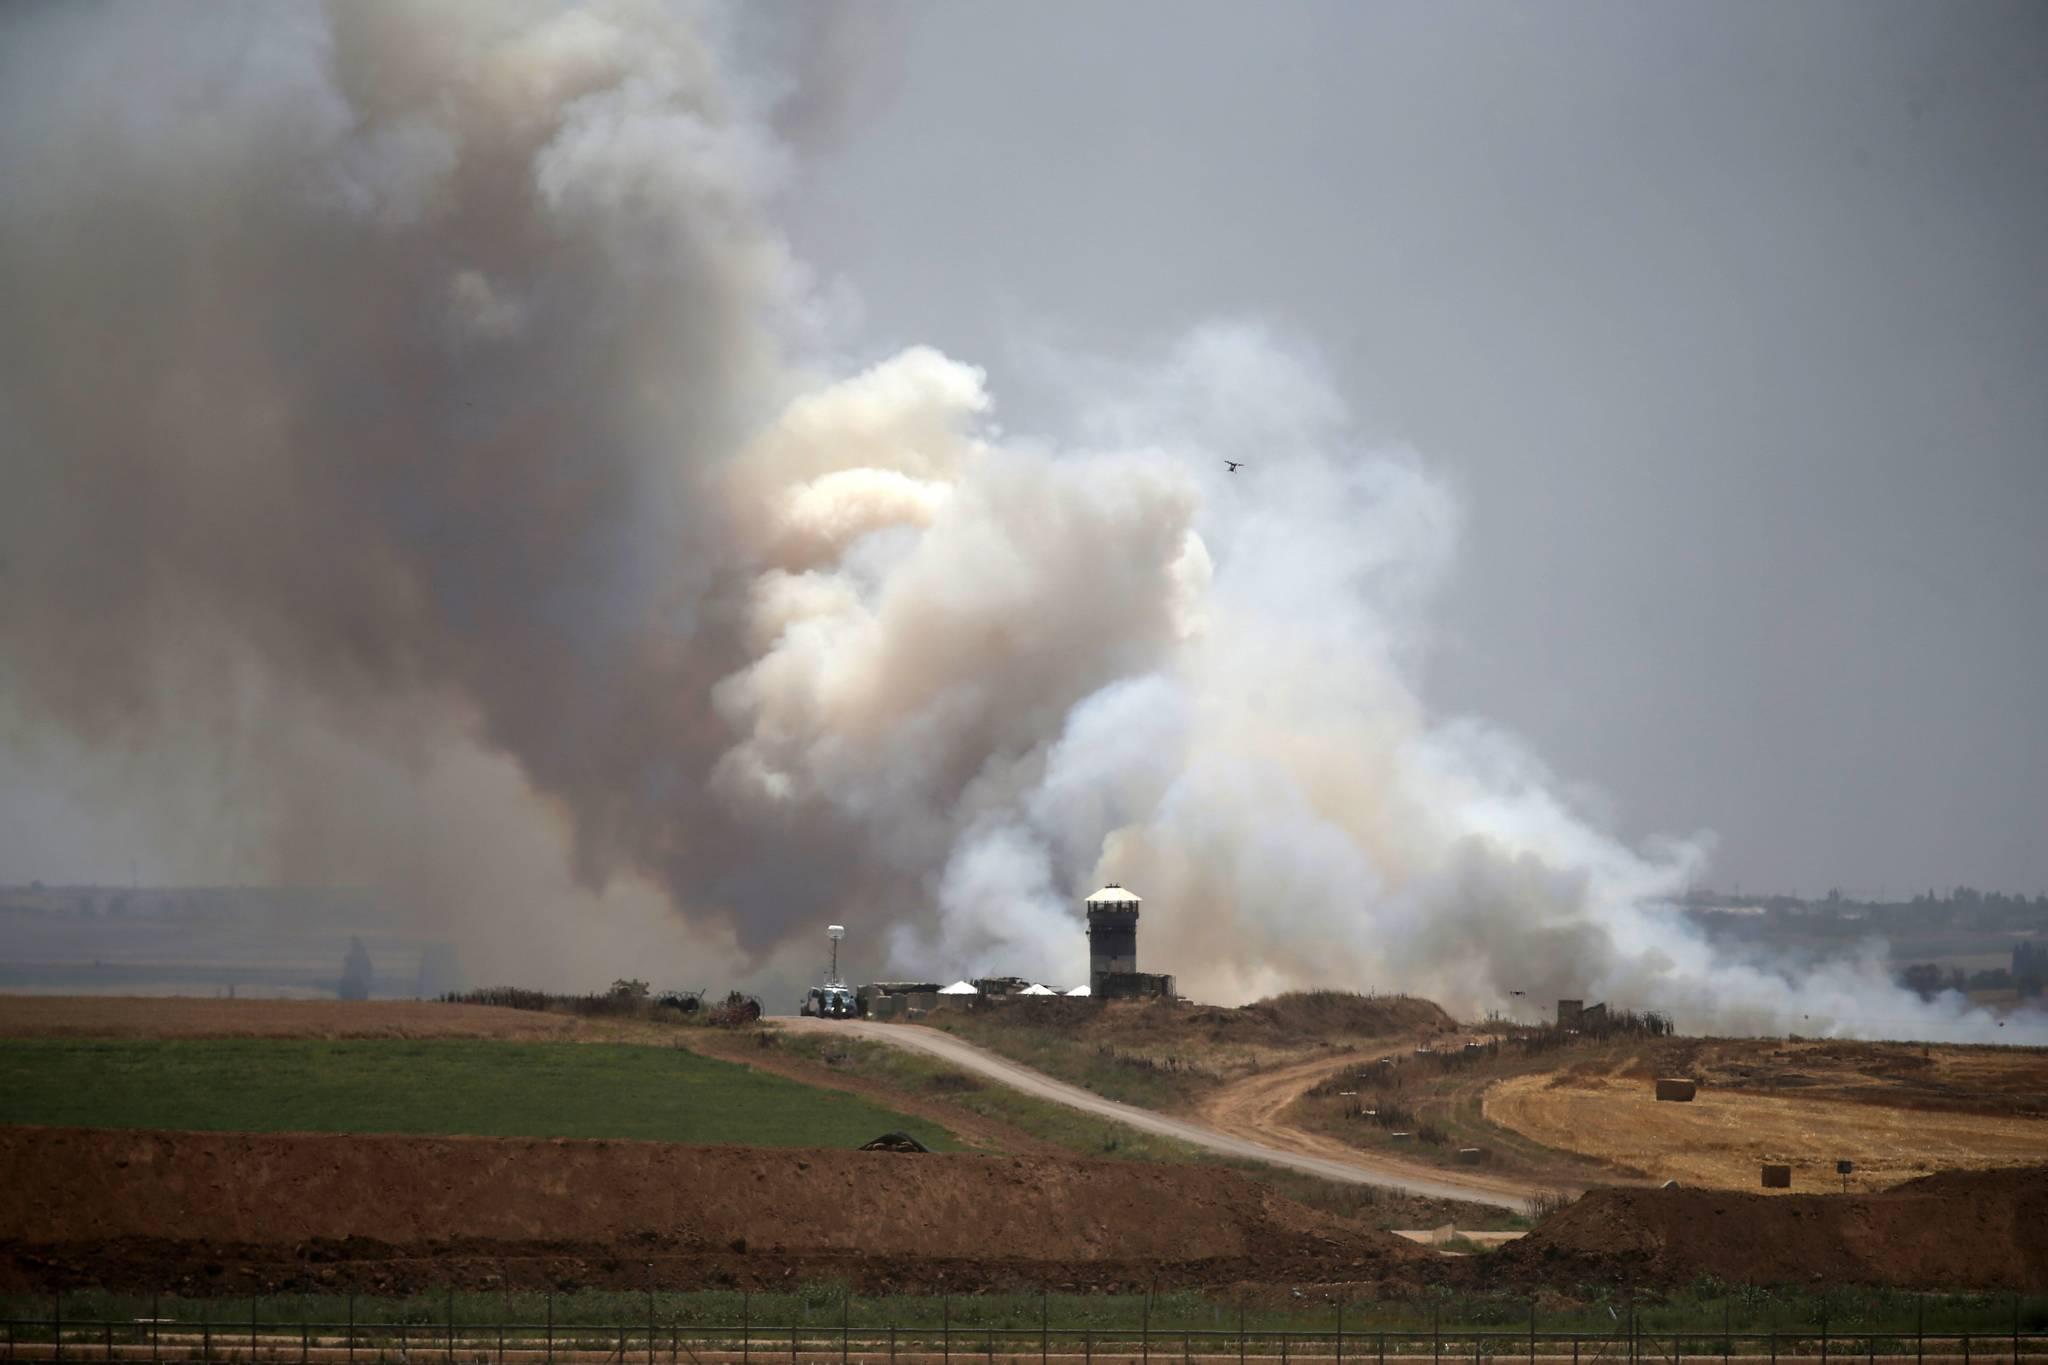 14일 가자지구에서 팔레스타인들이 연에 매달아 날려 보낸 폭탄이 이스라엘 진영에 떨어져 연기가 피어오르고 있다. [AFP=연합뉴스]